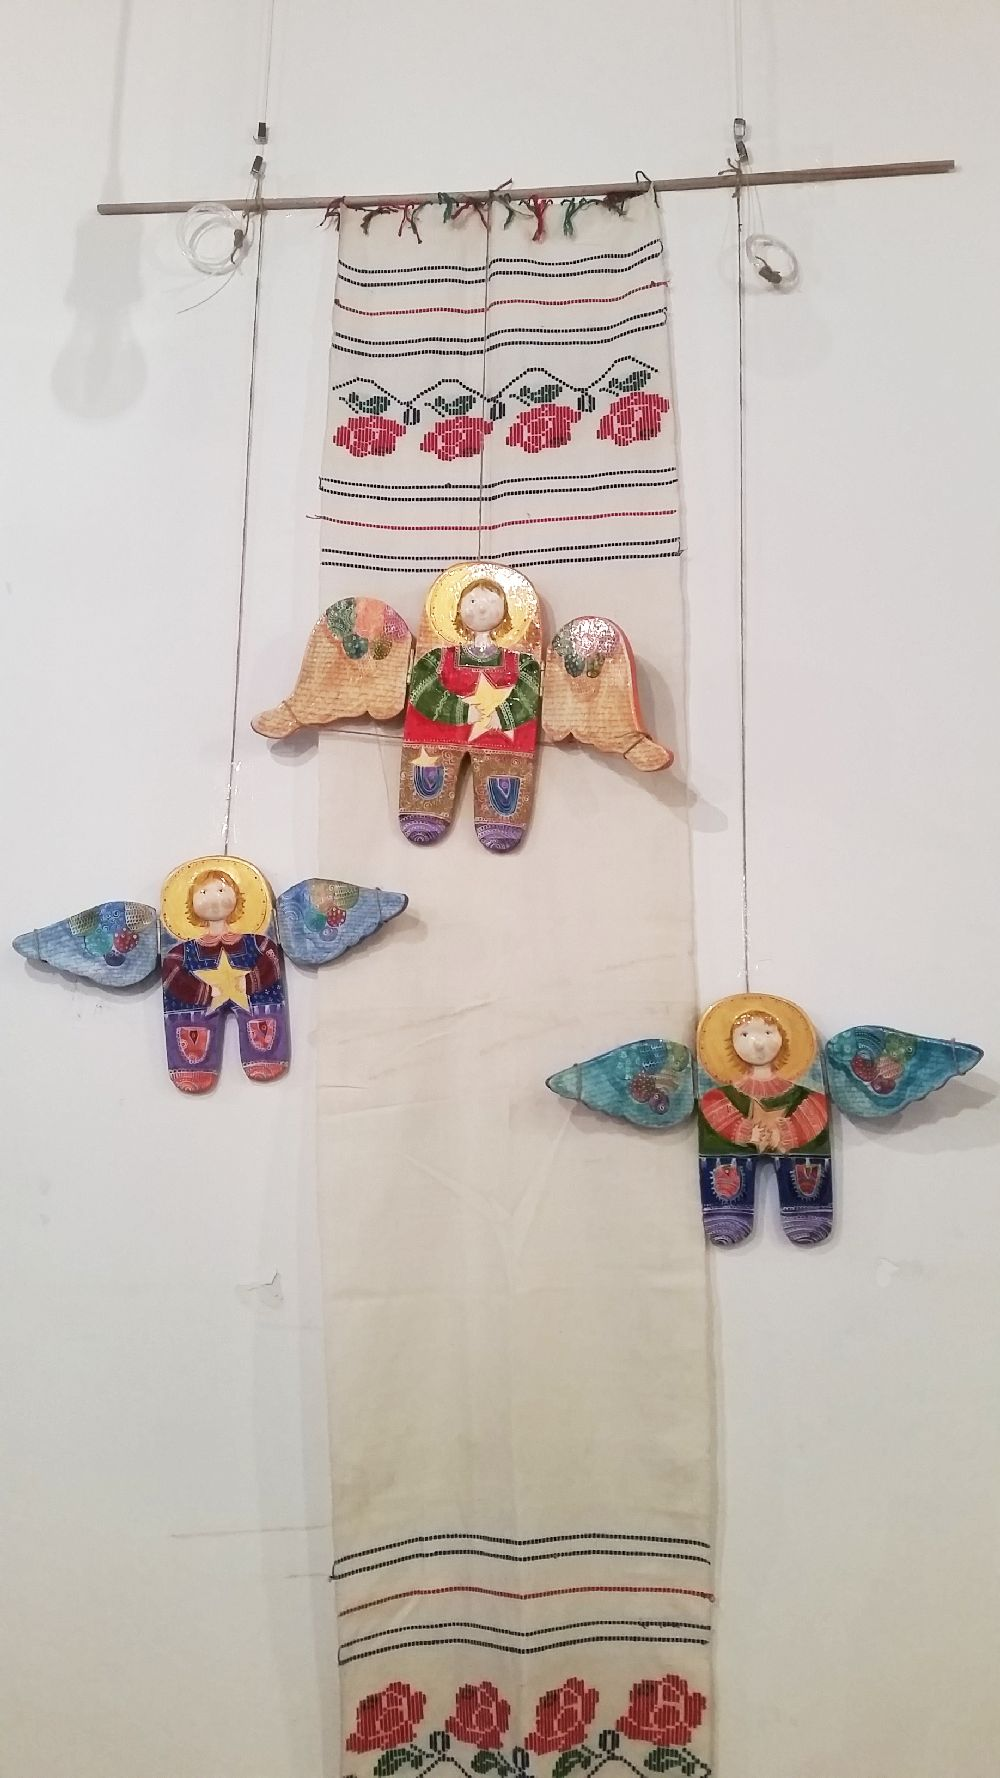 adelaparvu.com despre expozitia Ingerasii din povestea mea, Carturesti Verona, artist Beatrice Iordan (9)